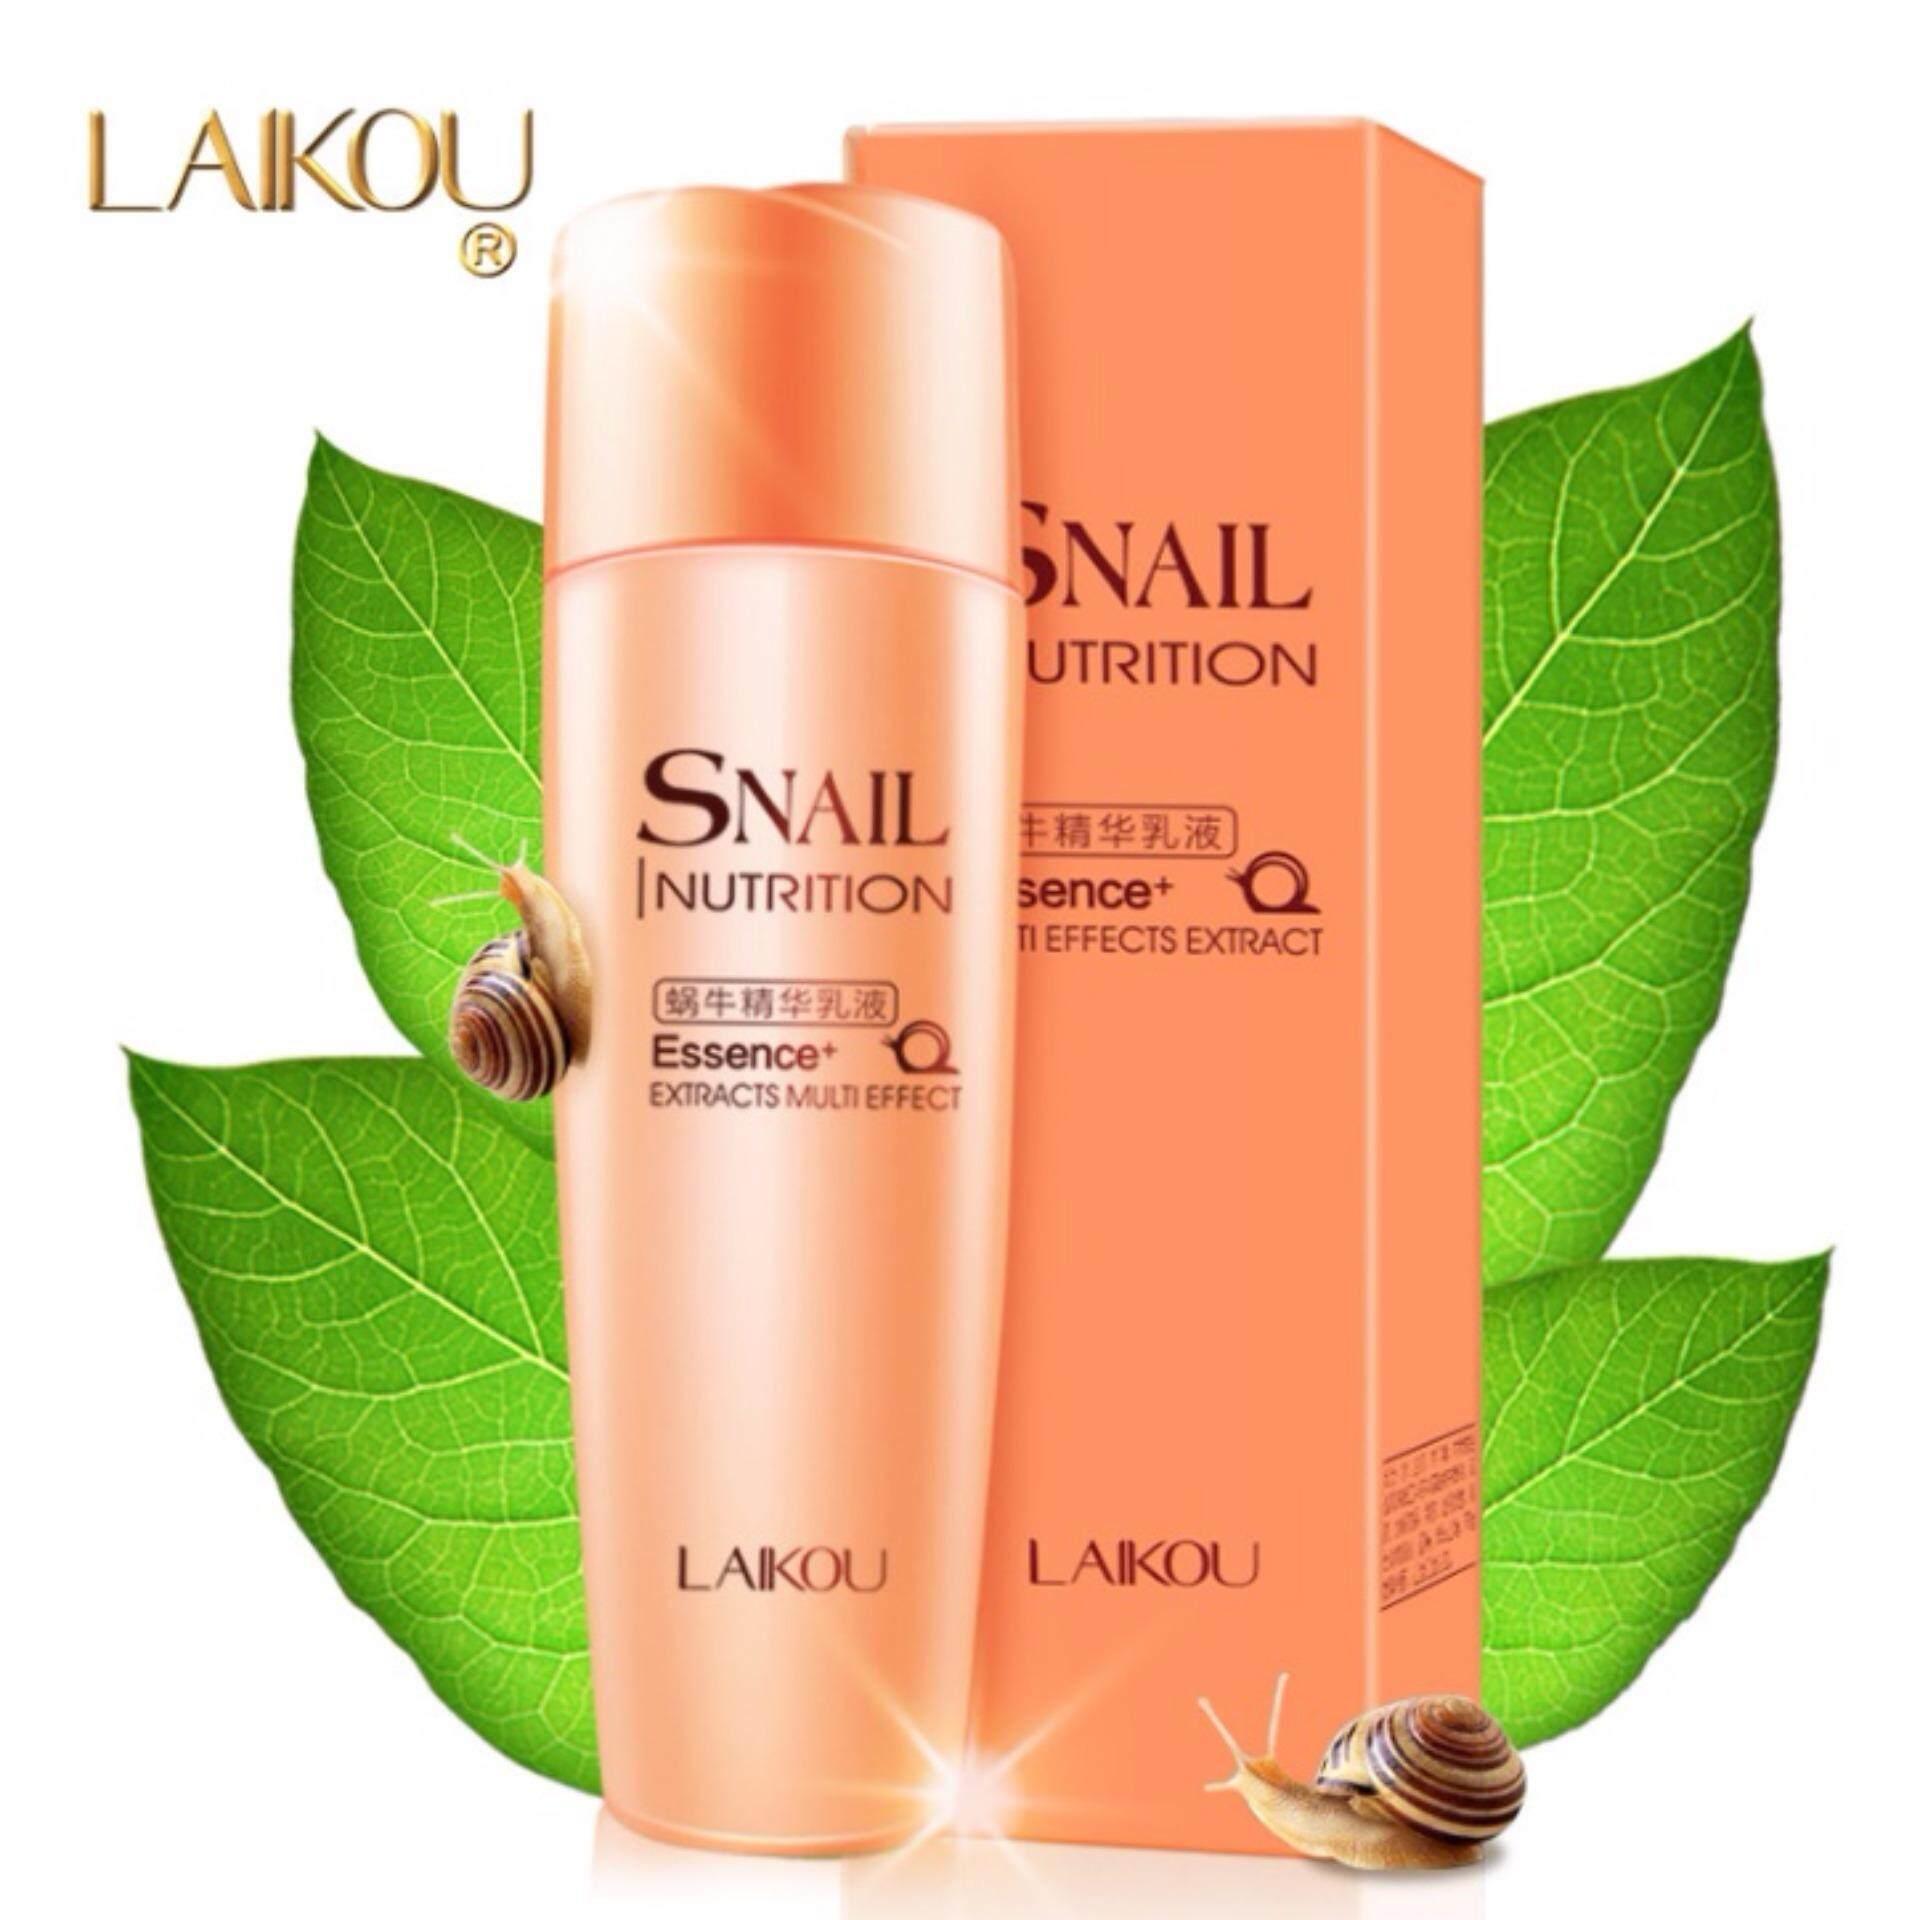 ใช้แล้วดีจริง ๆ ค่ะ LAIKOU SNALL Essence มอยเจอร์ไรเซอร์ เพื่อผิวชุมชื่น ขาวกระจ่างใส 1ชิ้น จากธรรมชาติ 100%